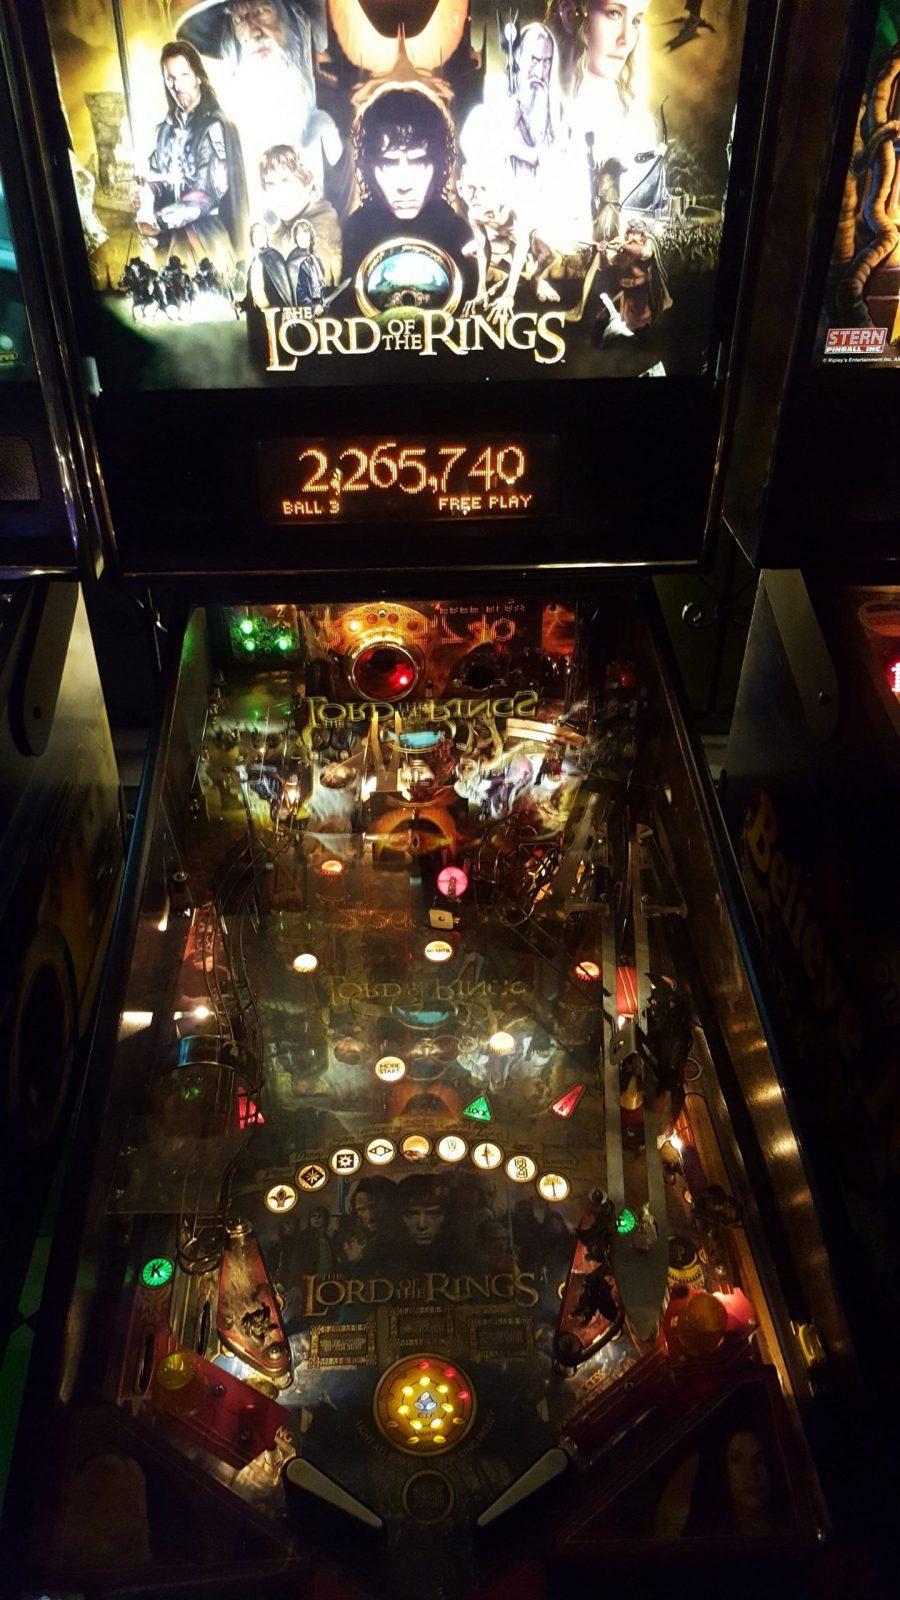 Flippermúzeum: Budapest's Pinball Museum 5